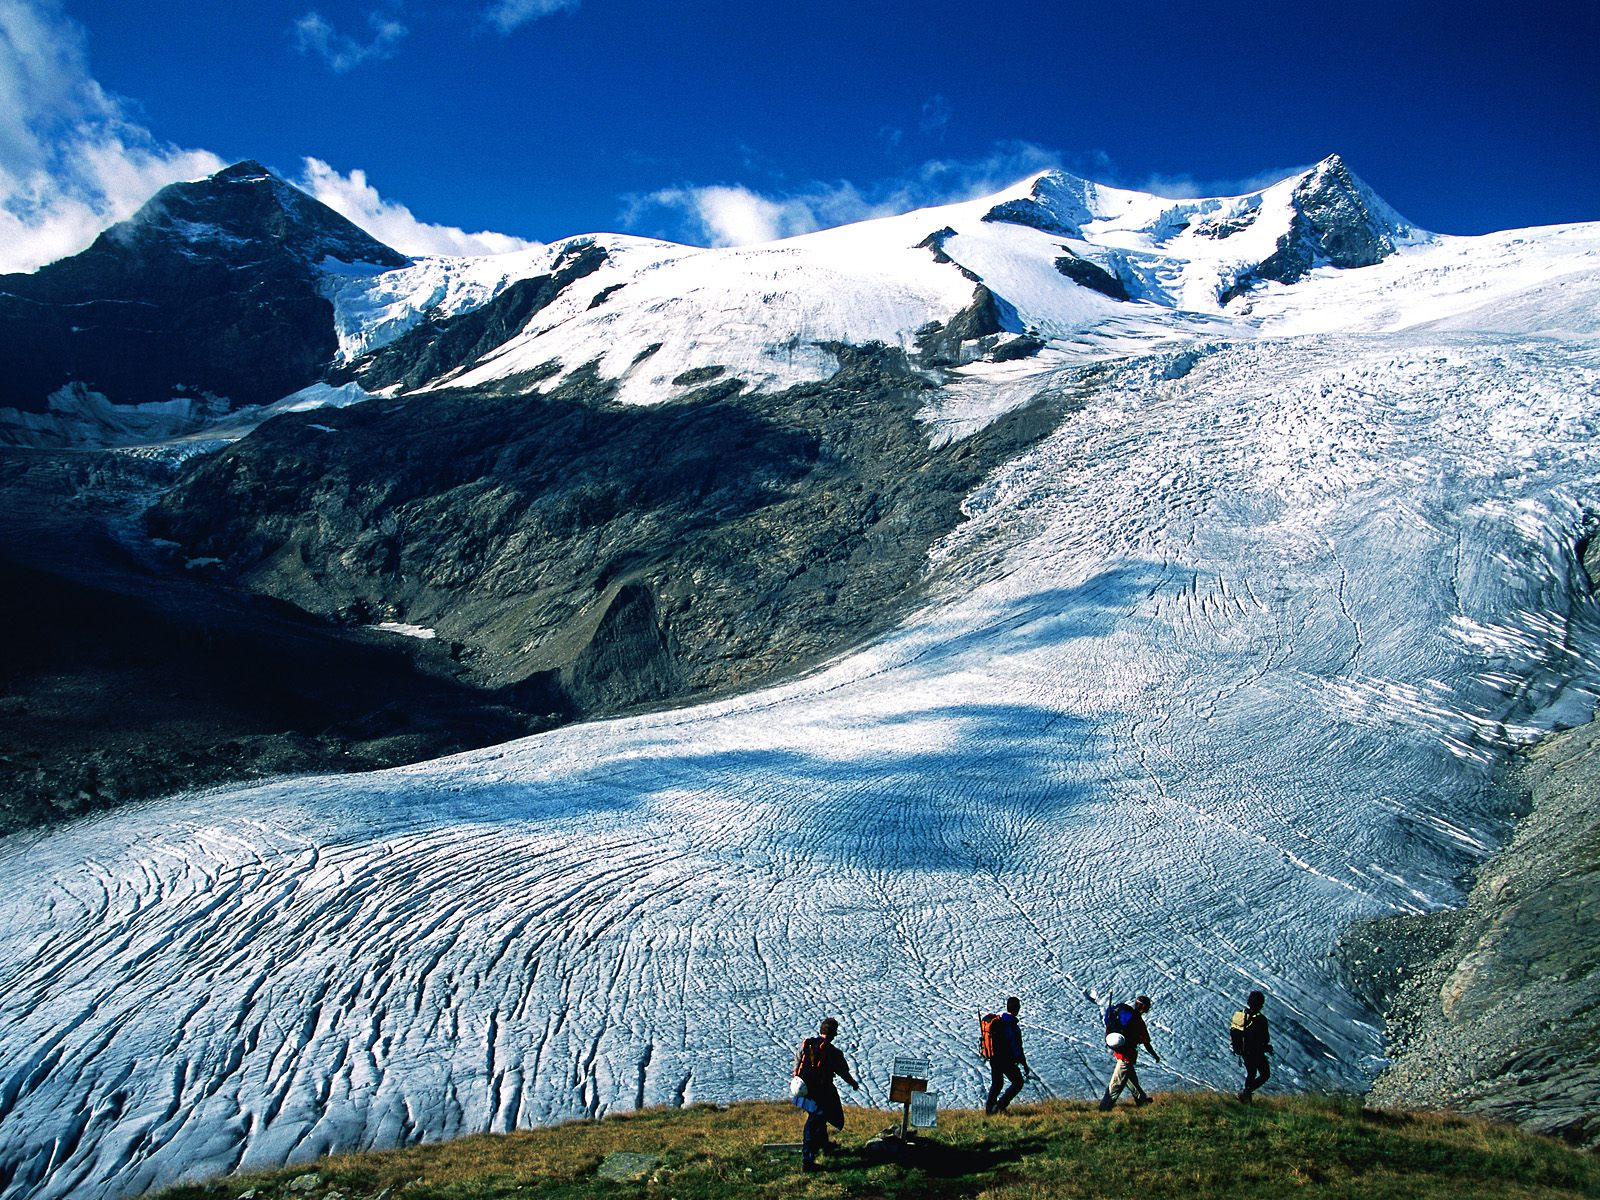 http://3.bp.blogspot.com/-s1j1m4prqU8/TonLsl3fwbI/AAAAAAAAAZE/Gx_oEVeDSD0/s1600/Schlaten+Glacier%252C+Hohe+Tauern+National+Park%252C+Austria.jpg